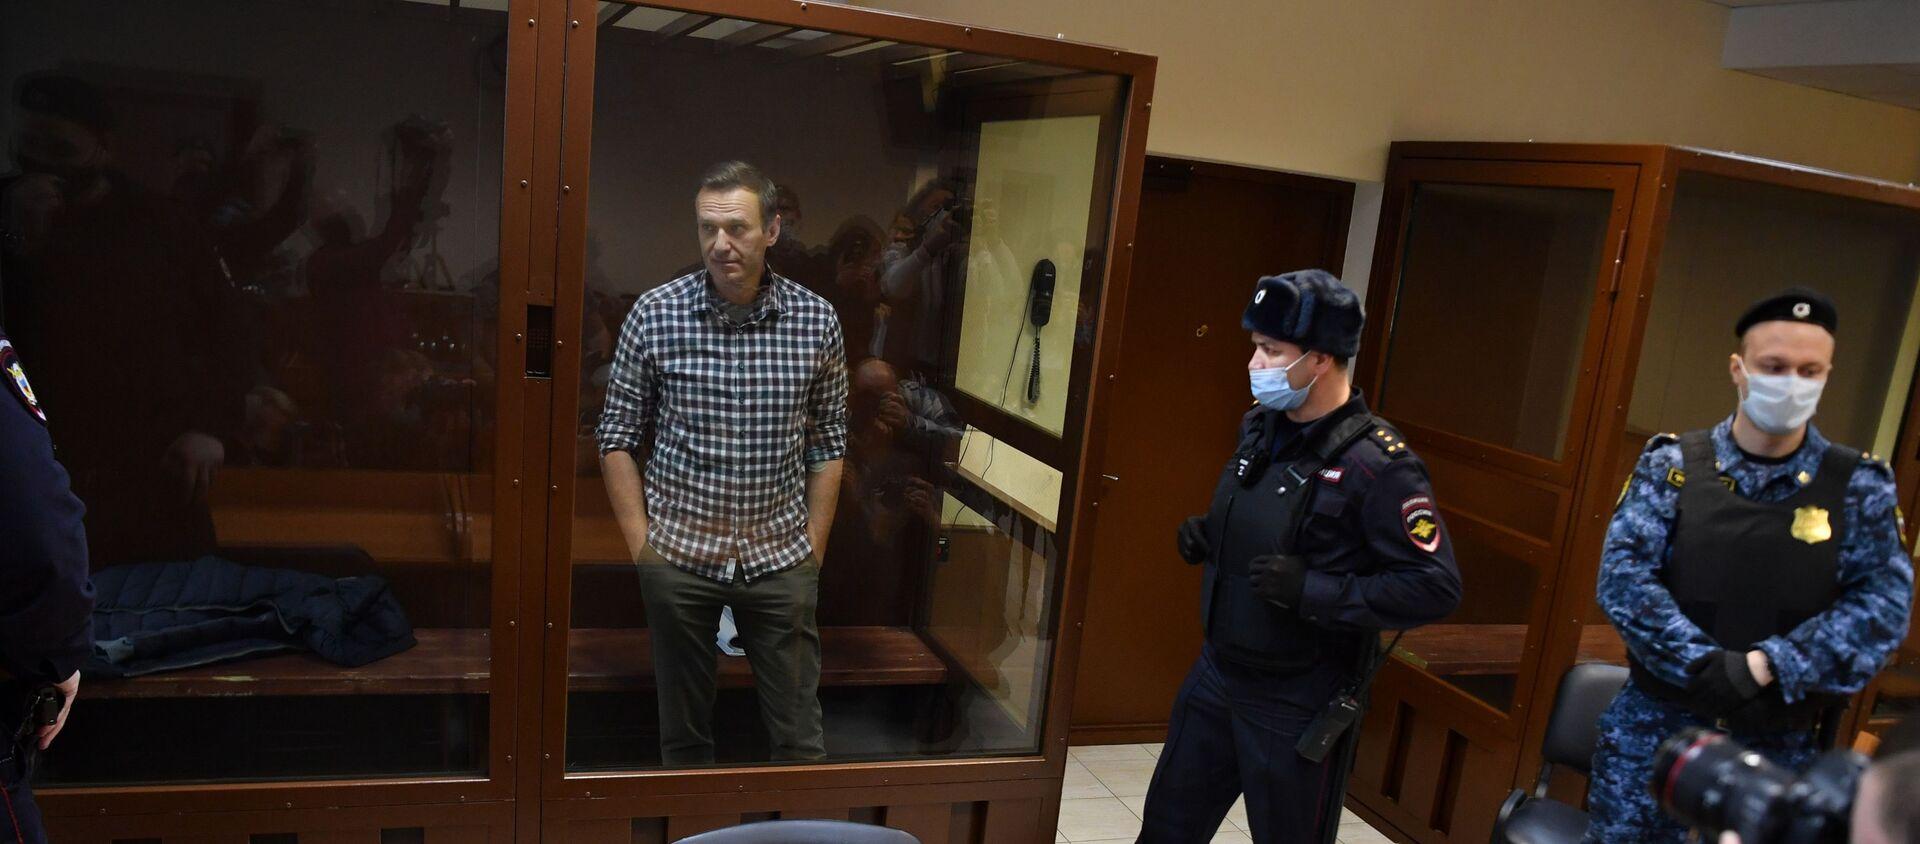 Заседание суда поА.Навальному - Sputnik Грузия, 1920, 04.03.2021